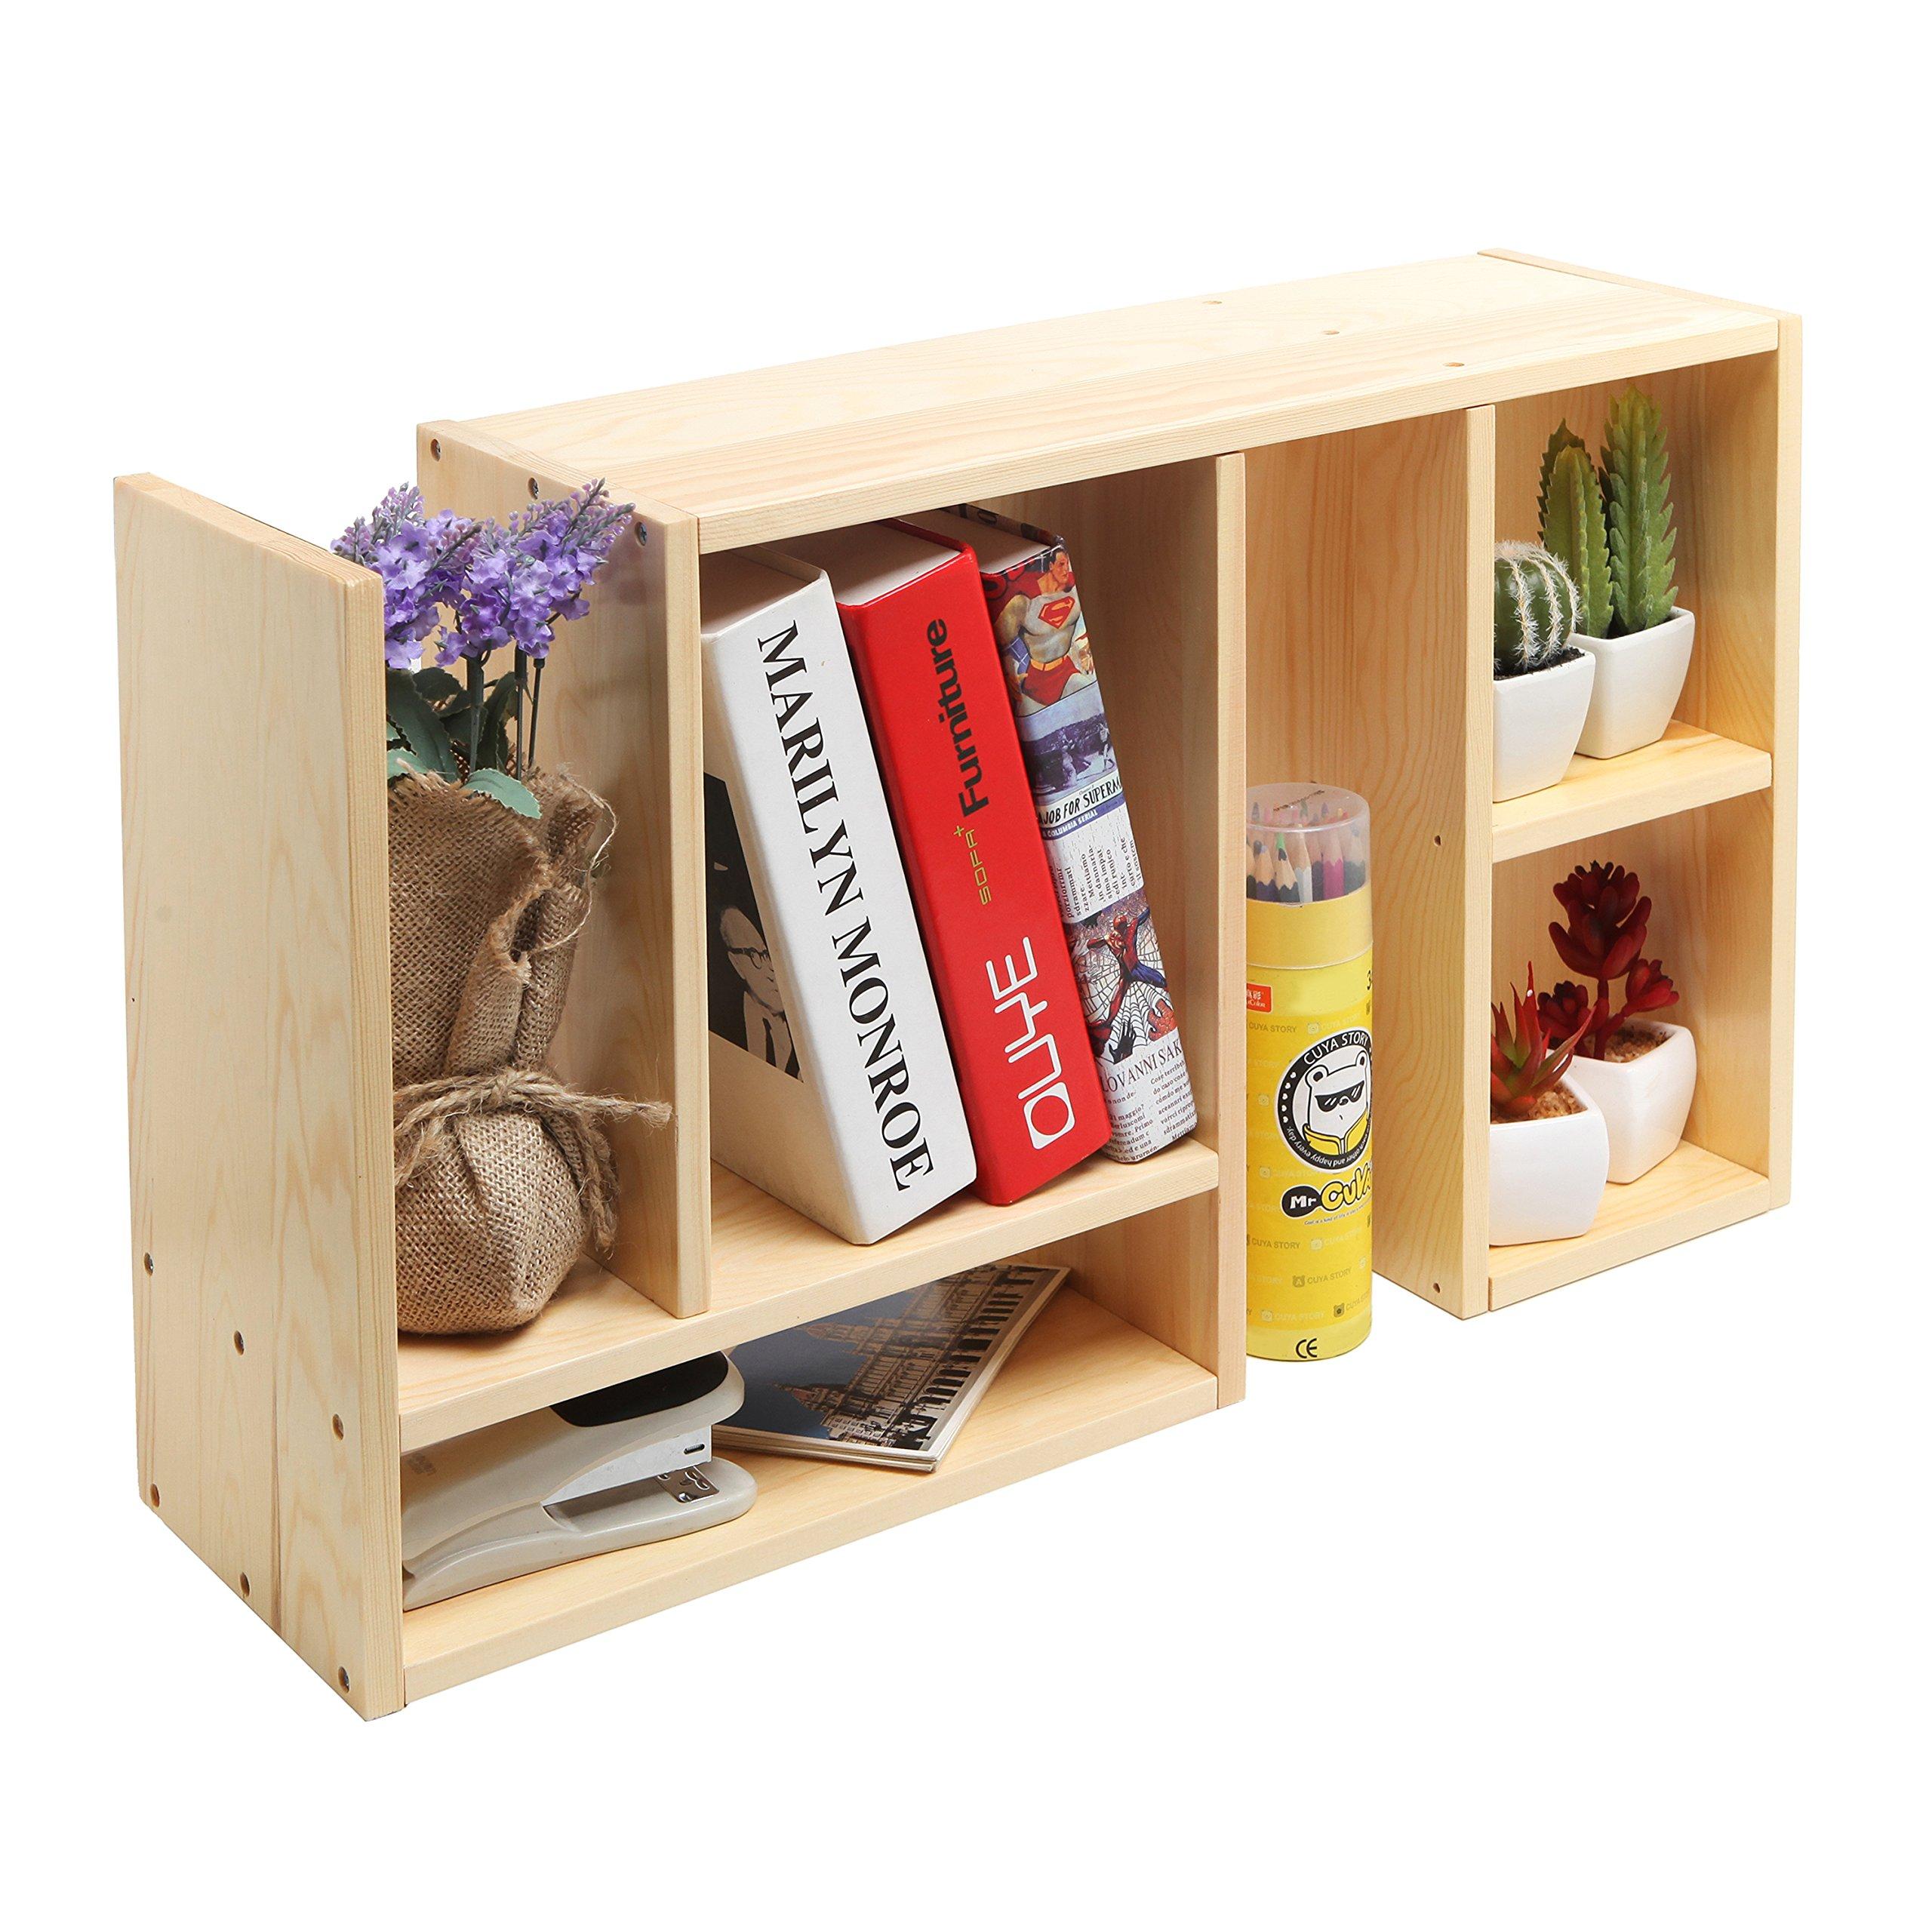 Beige Wood Adjustable Desktop Organizer/Book Shelf/Supply Storage Rack by MyGift